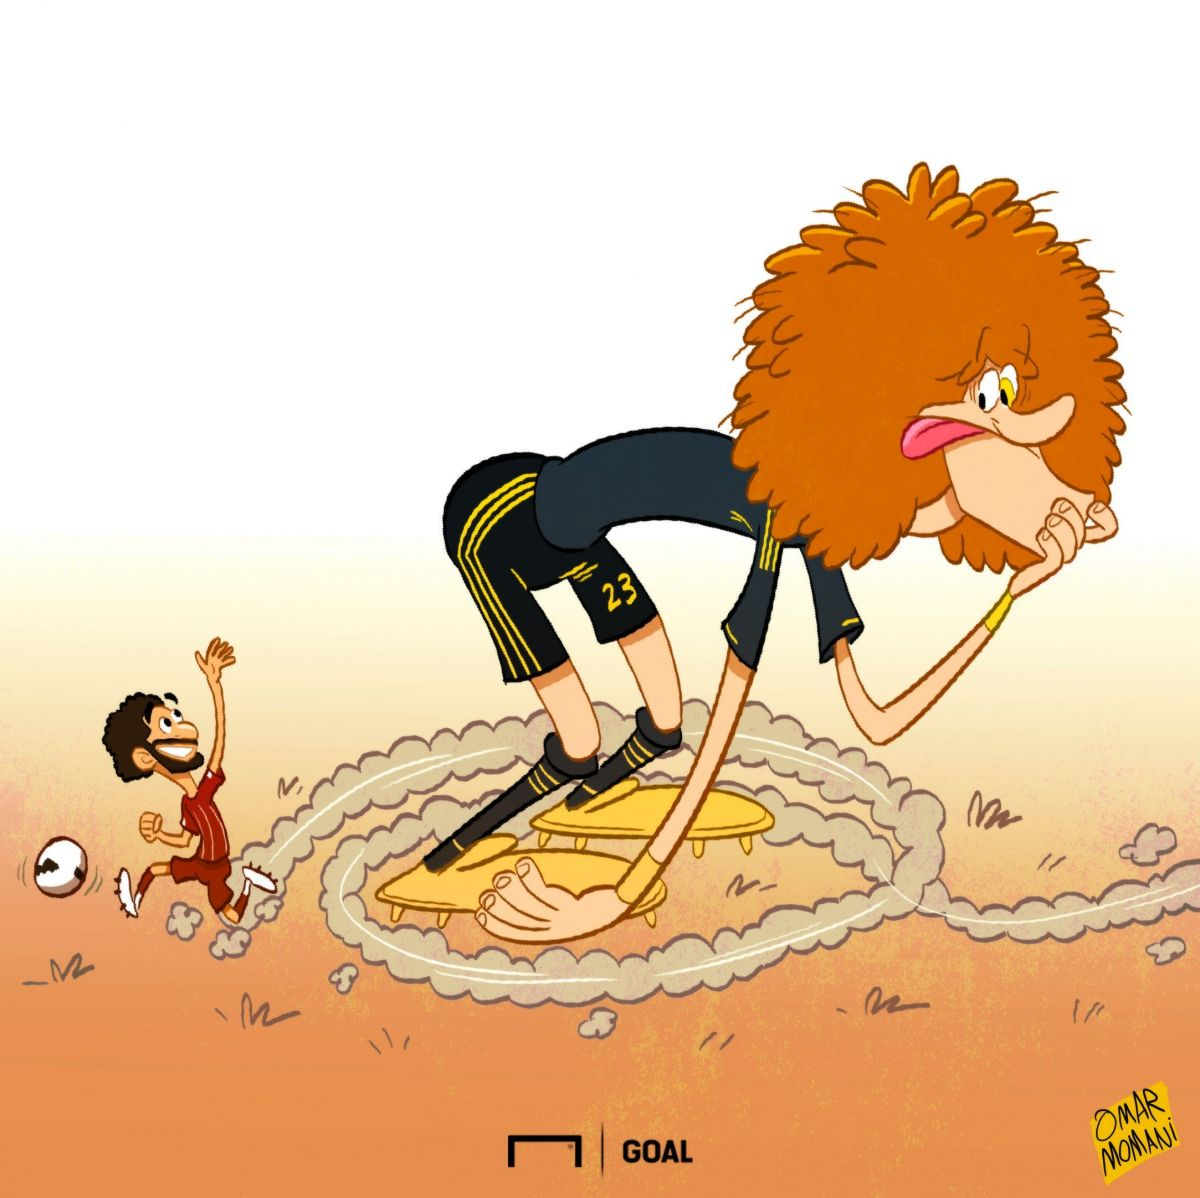 Omar Momanidan yangi karikatura: Salah David Luizni nima ko'yga soldi?!